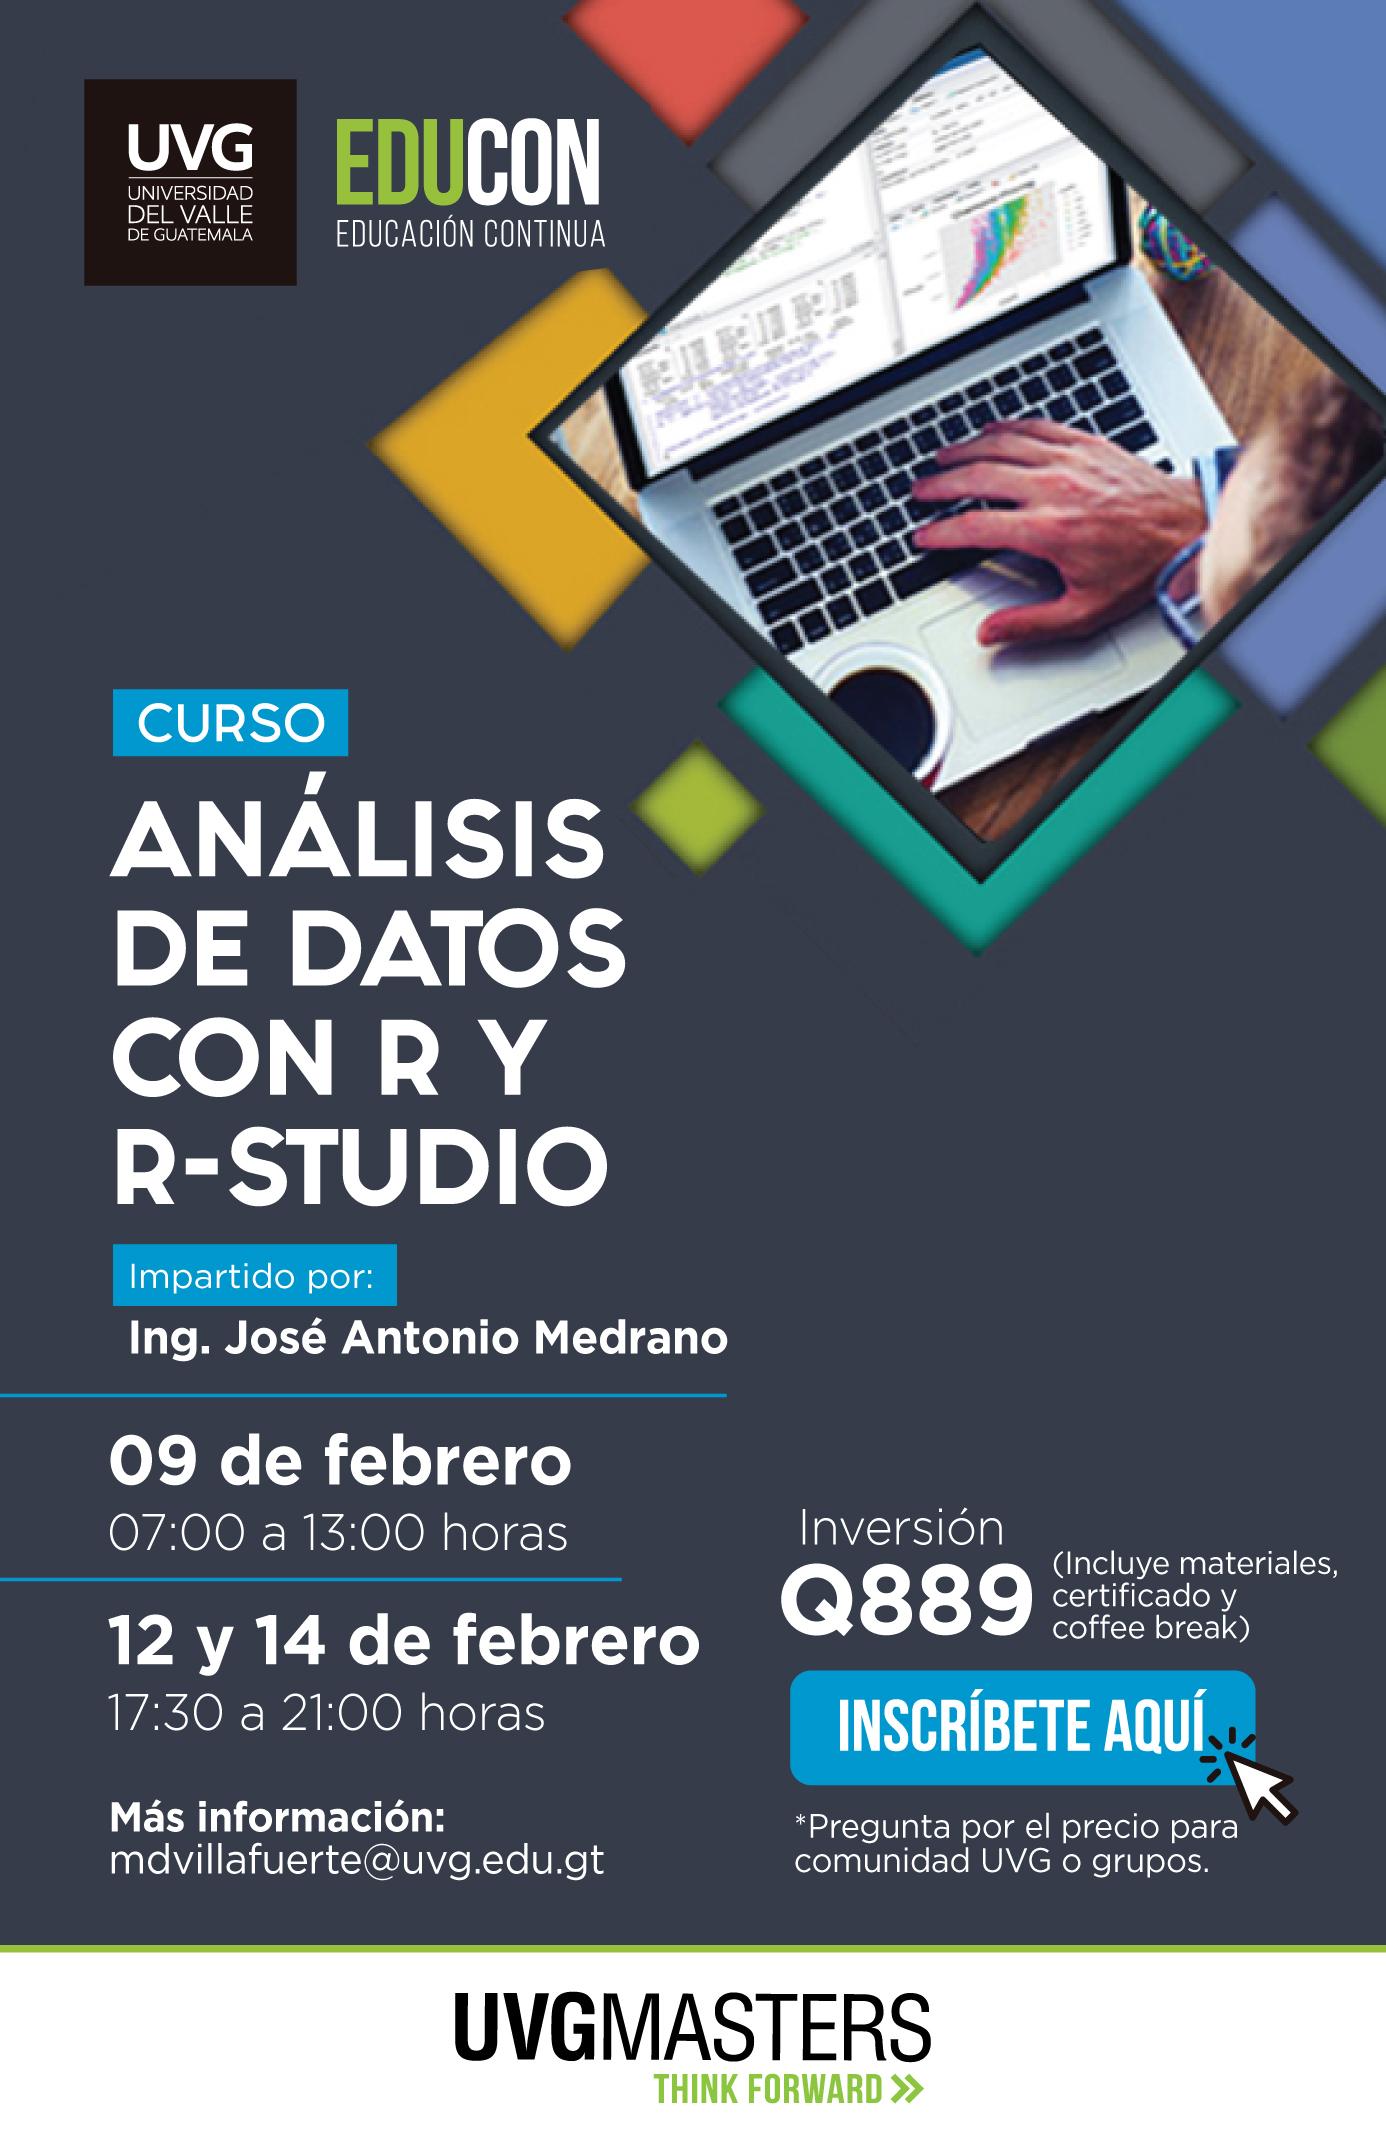 Análisis de datos con R y R-STUDIO